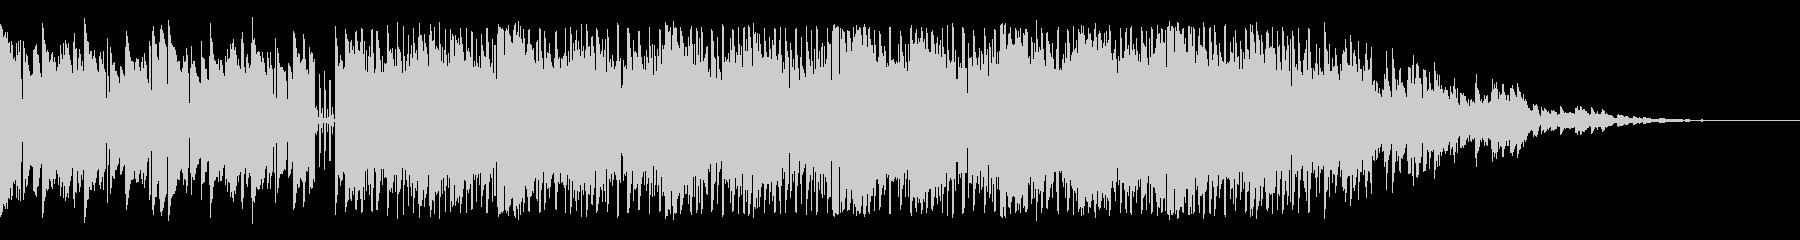 動画 サスペンス 説明的 クール ...の未再生の波形